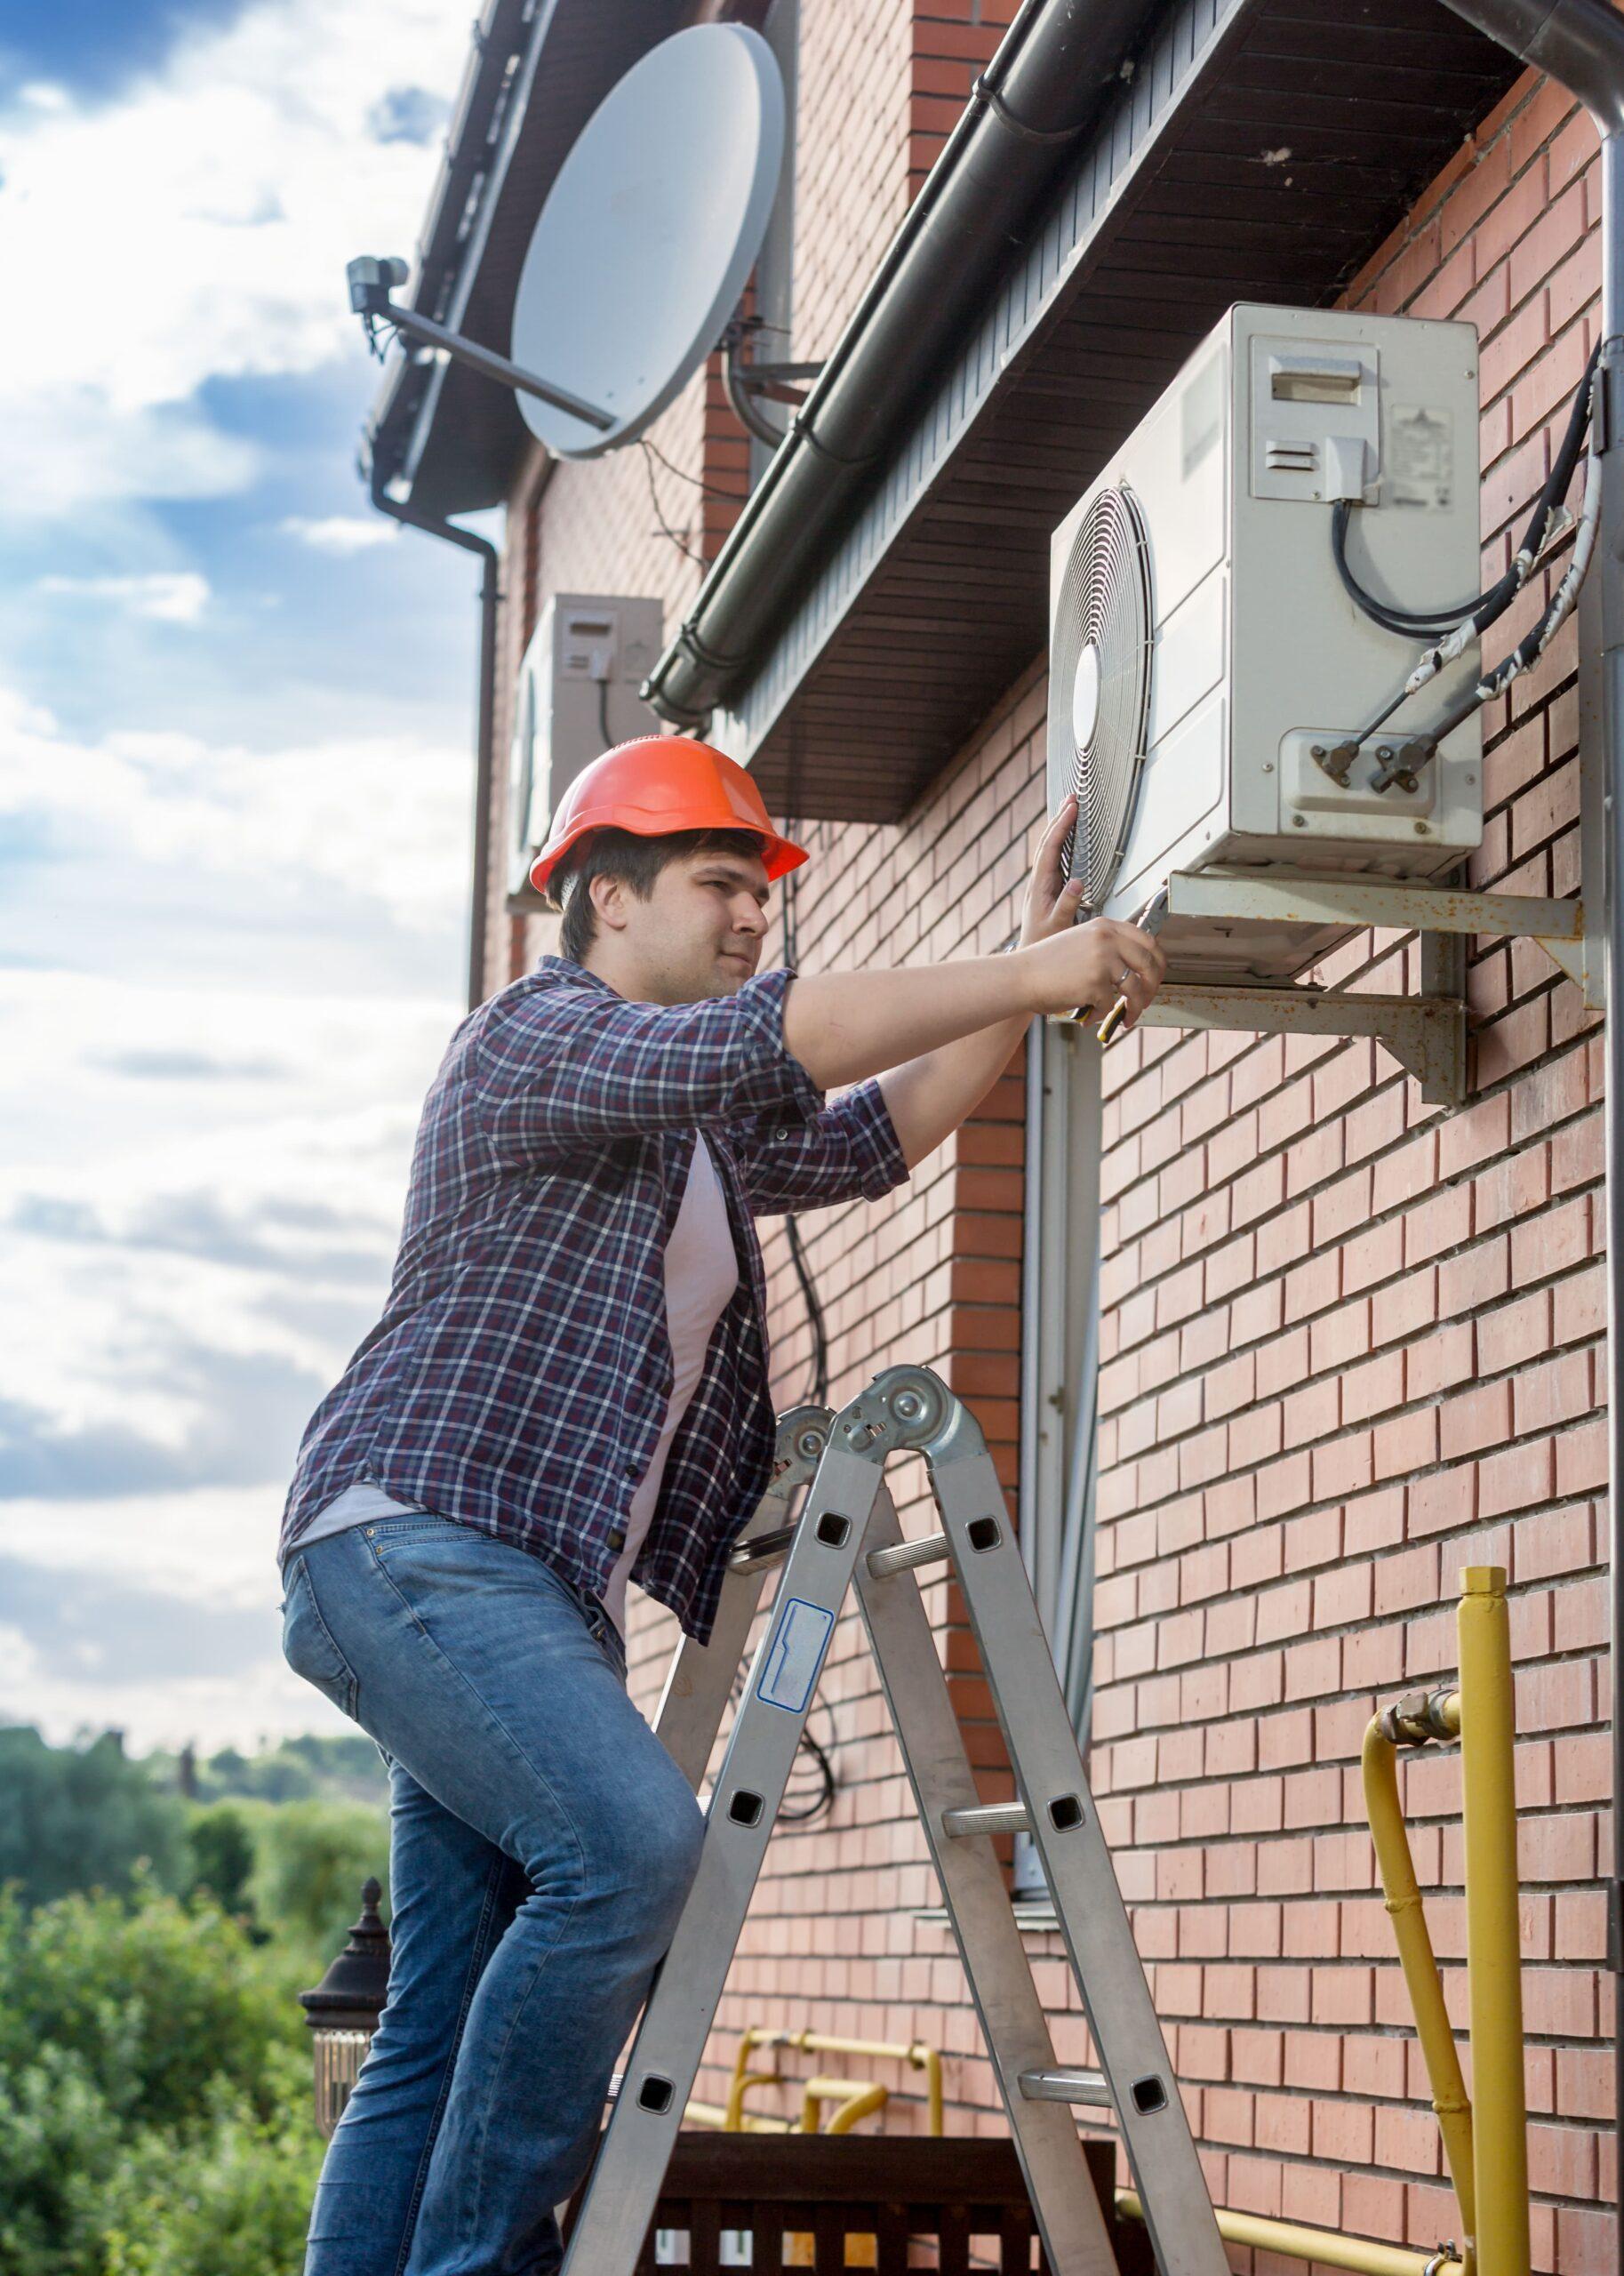 klimaanlage installieren